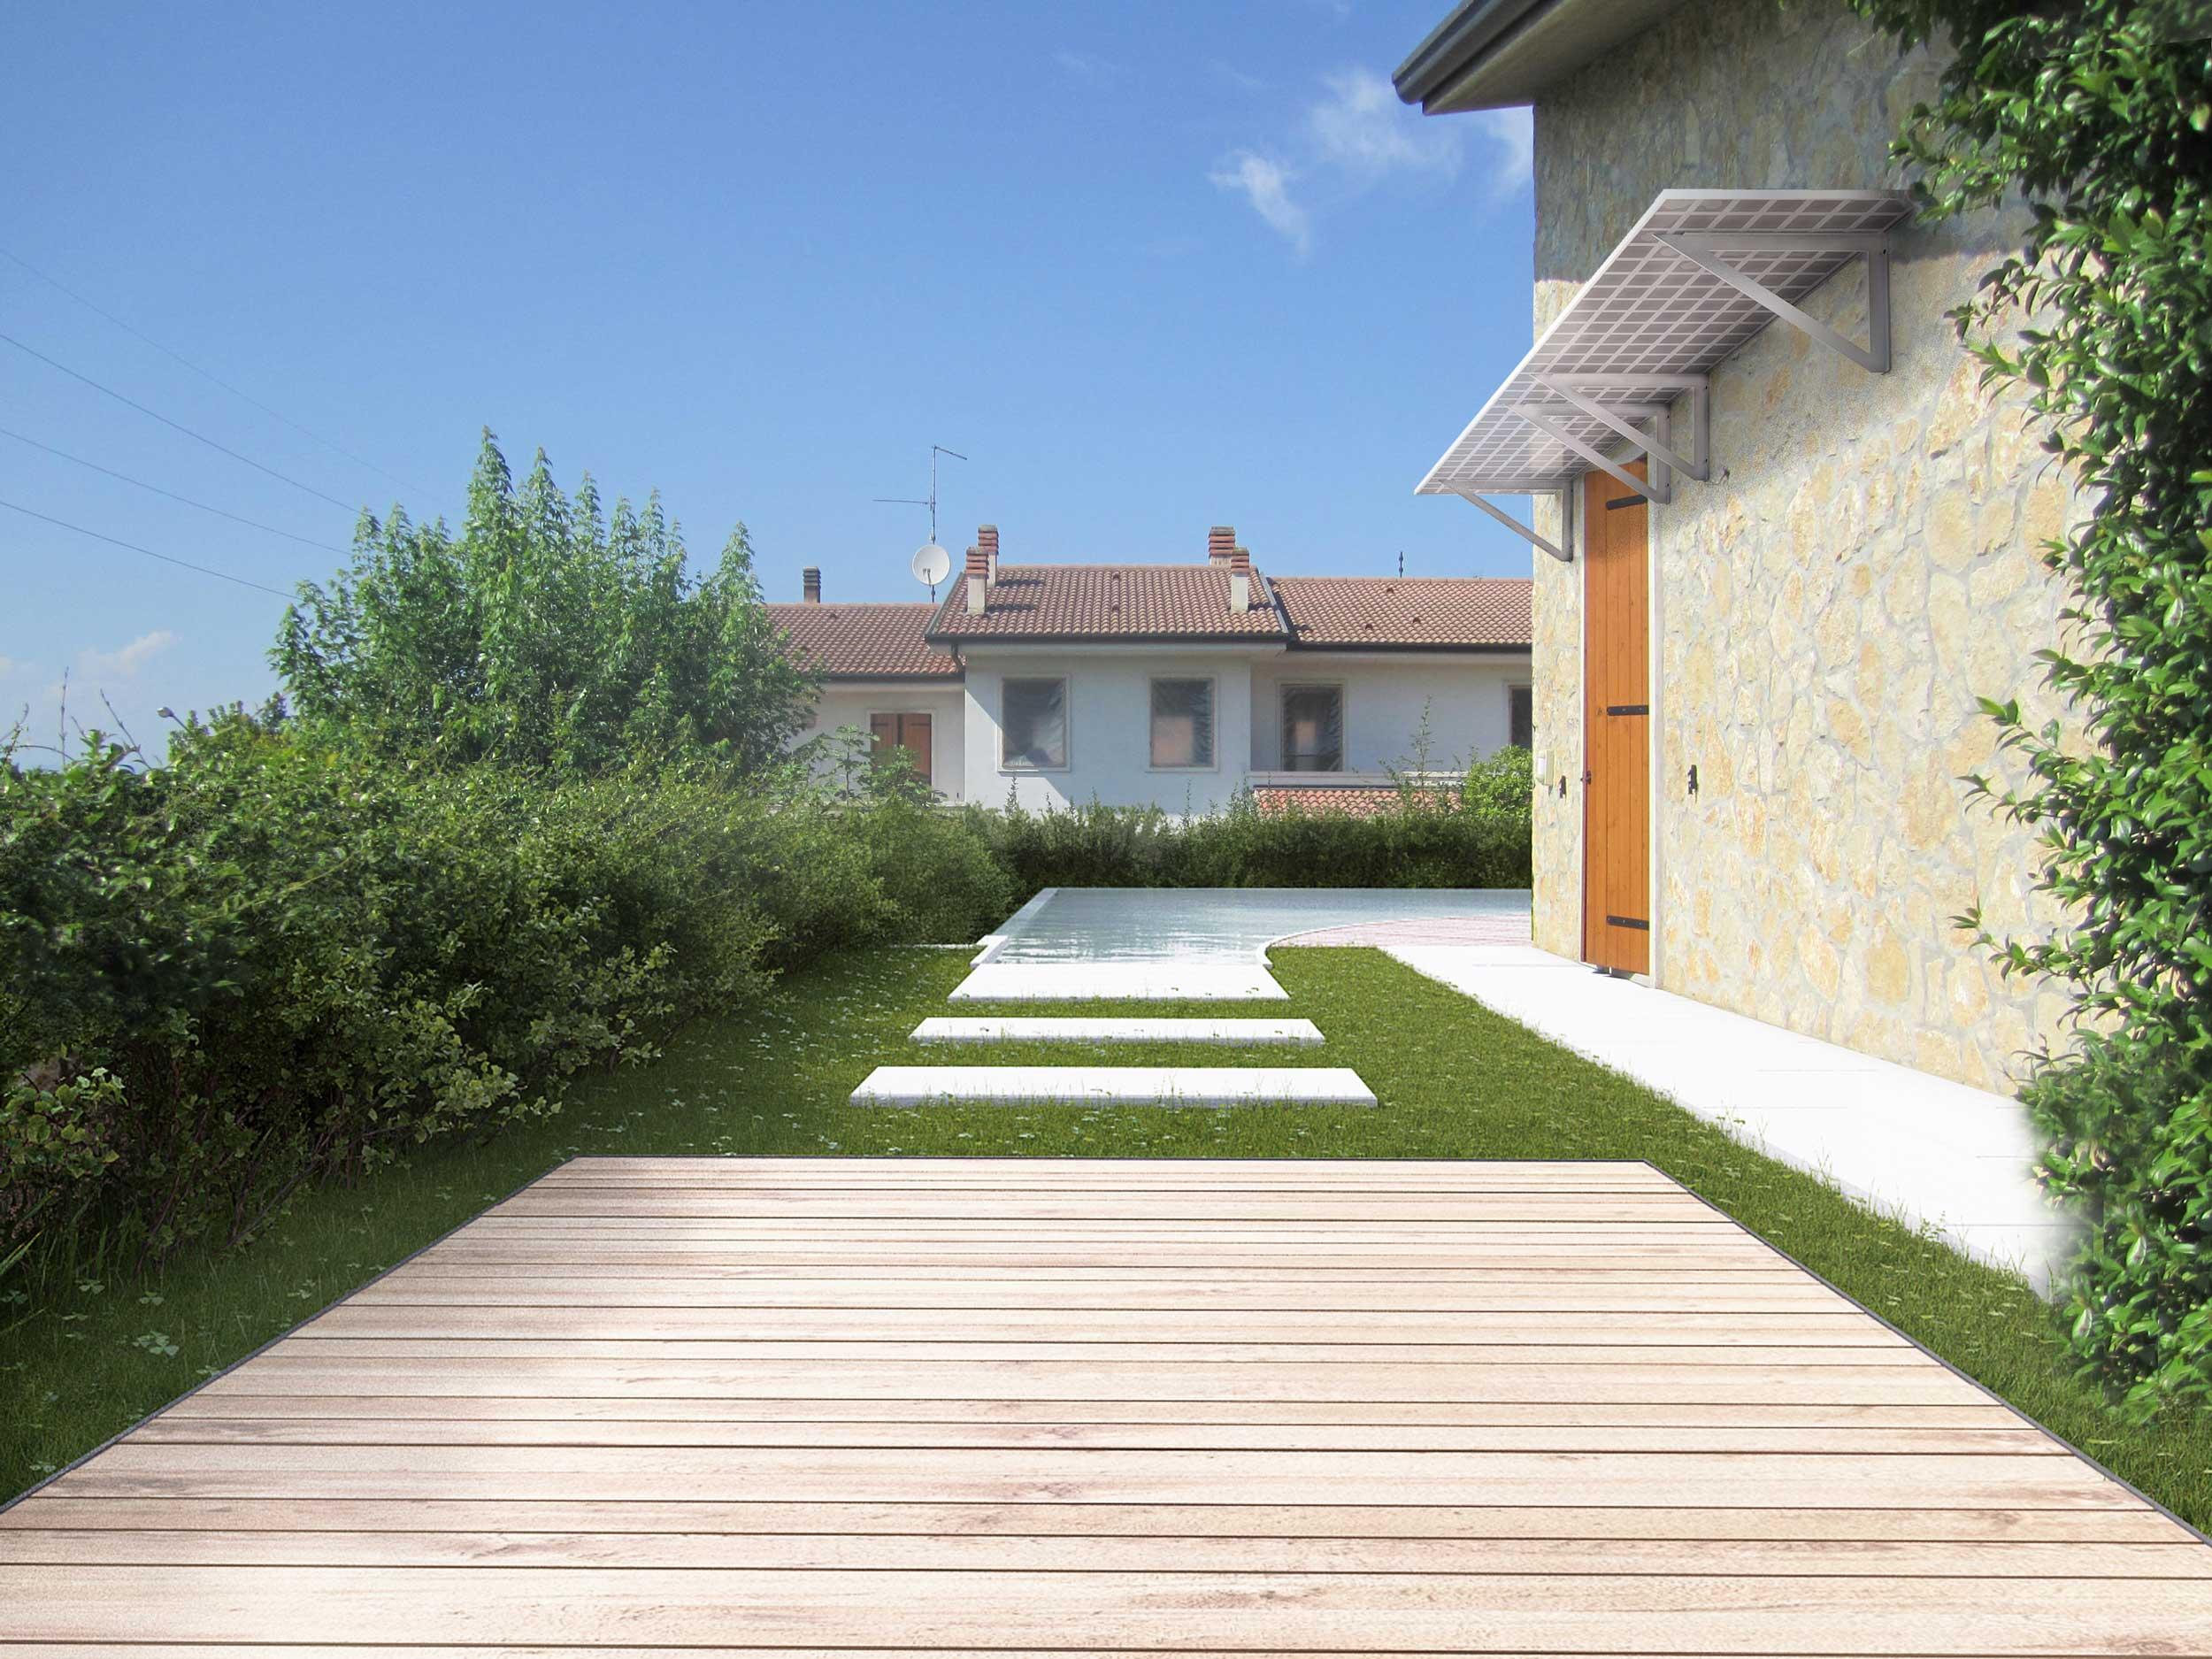 giardino_privato_render_esterno